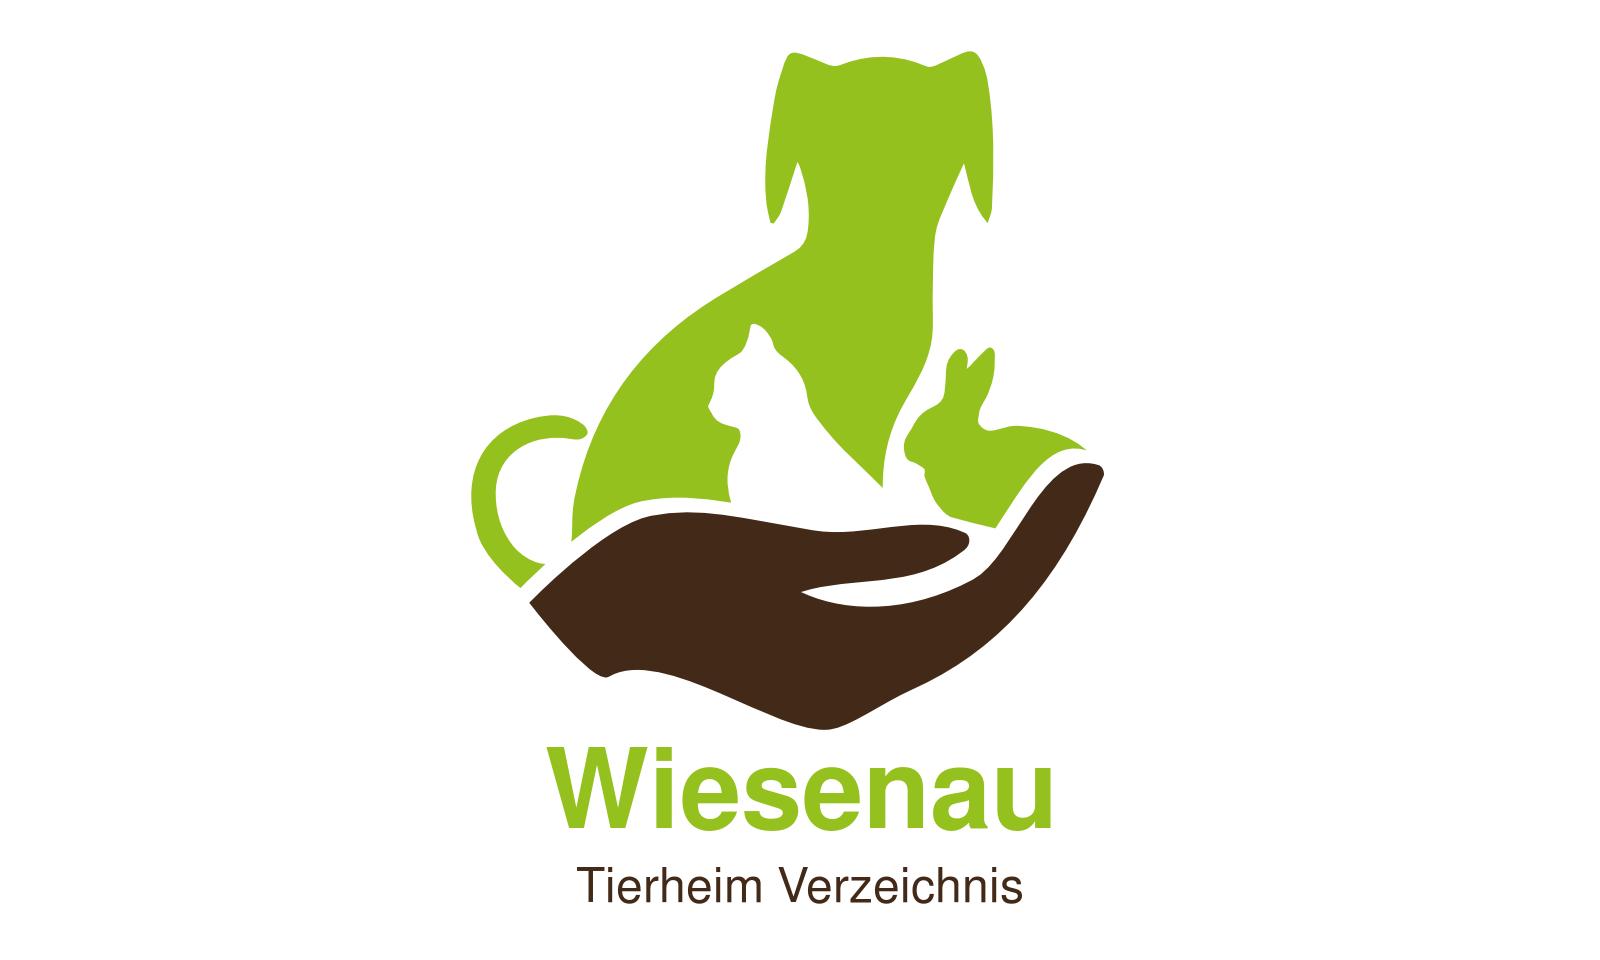 Tierheim Wiesenau